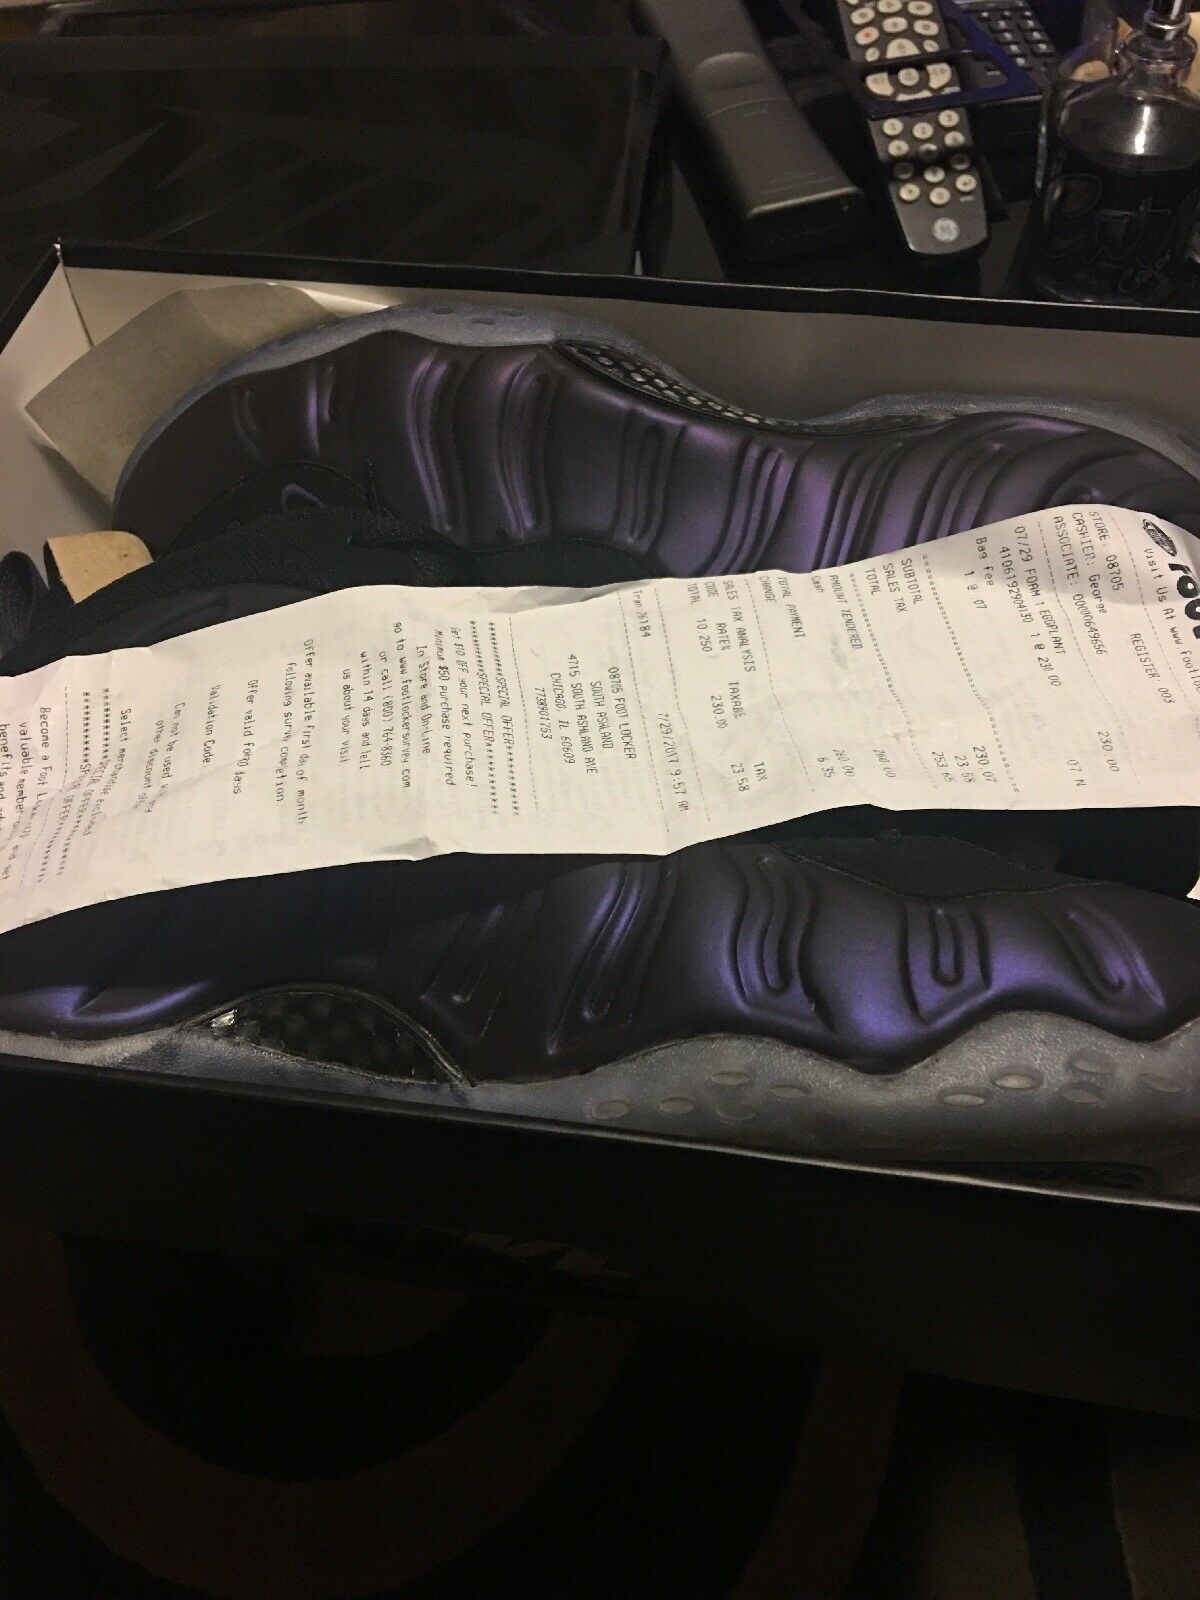 Nike Air Foamposite One Negro reducción Varsity Morado Size 13 reducción Negro de precios retro zapatos nuevos para hombres y mujeres, el limitado tiempo de descuento 11e3d4